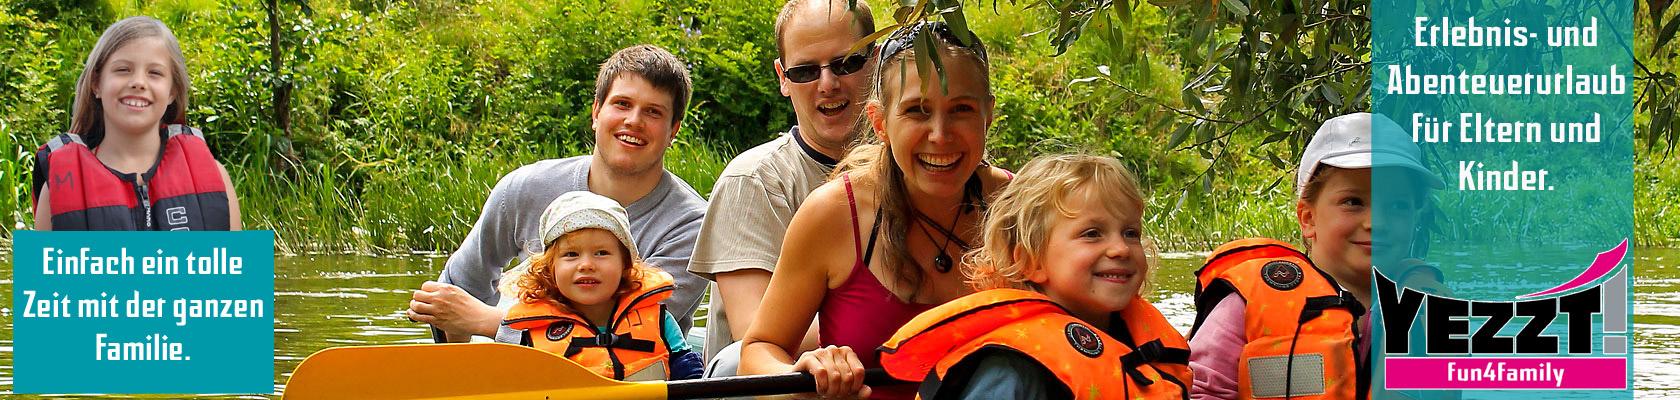 Abenteuerurlaub für Familien